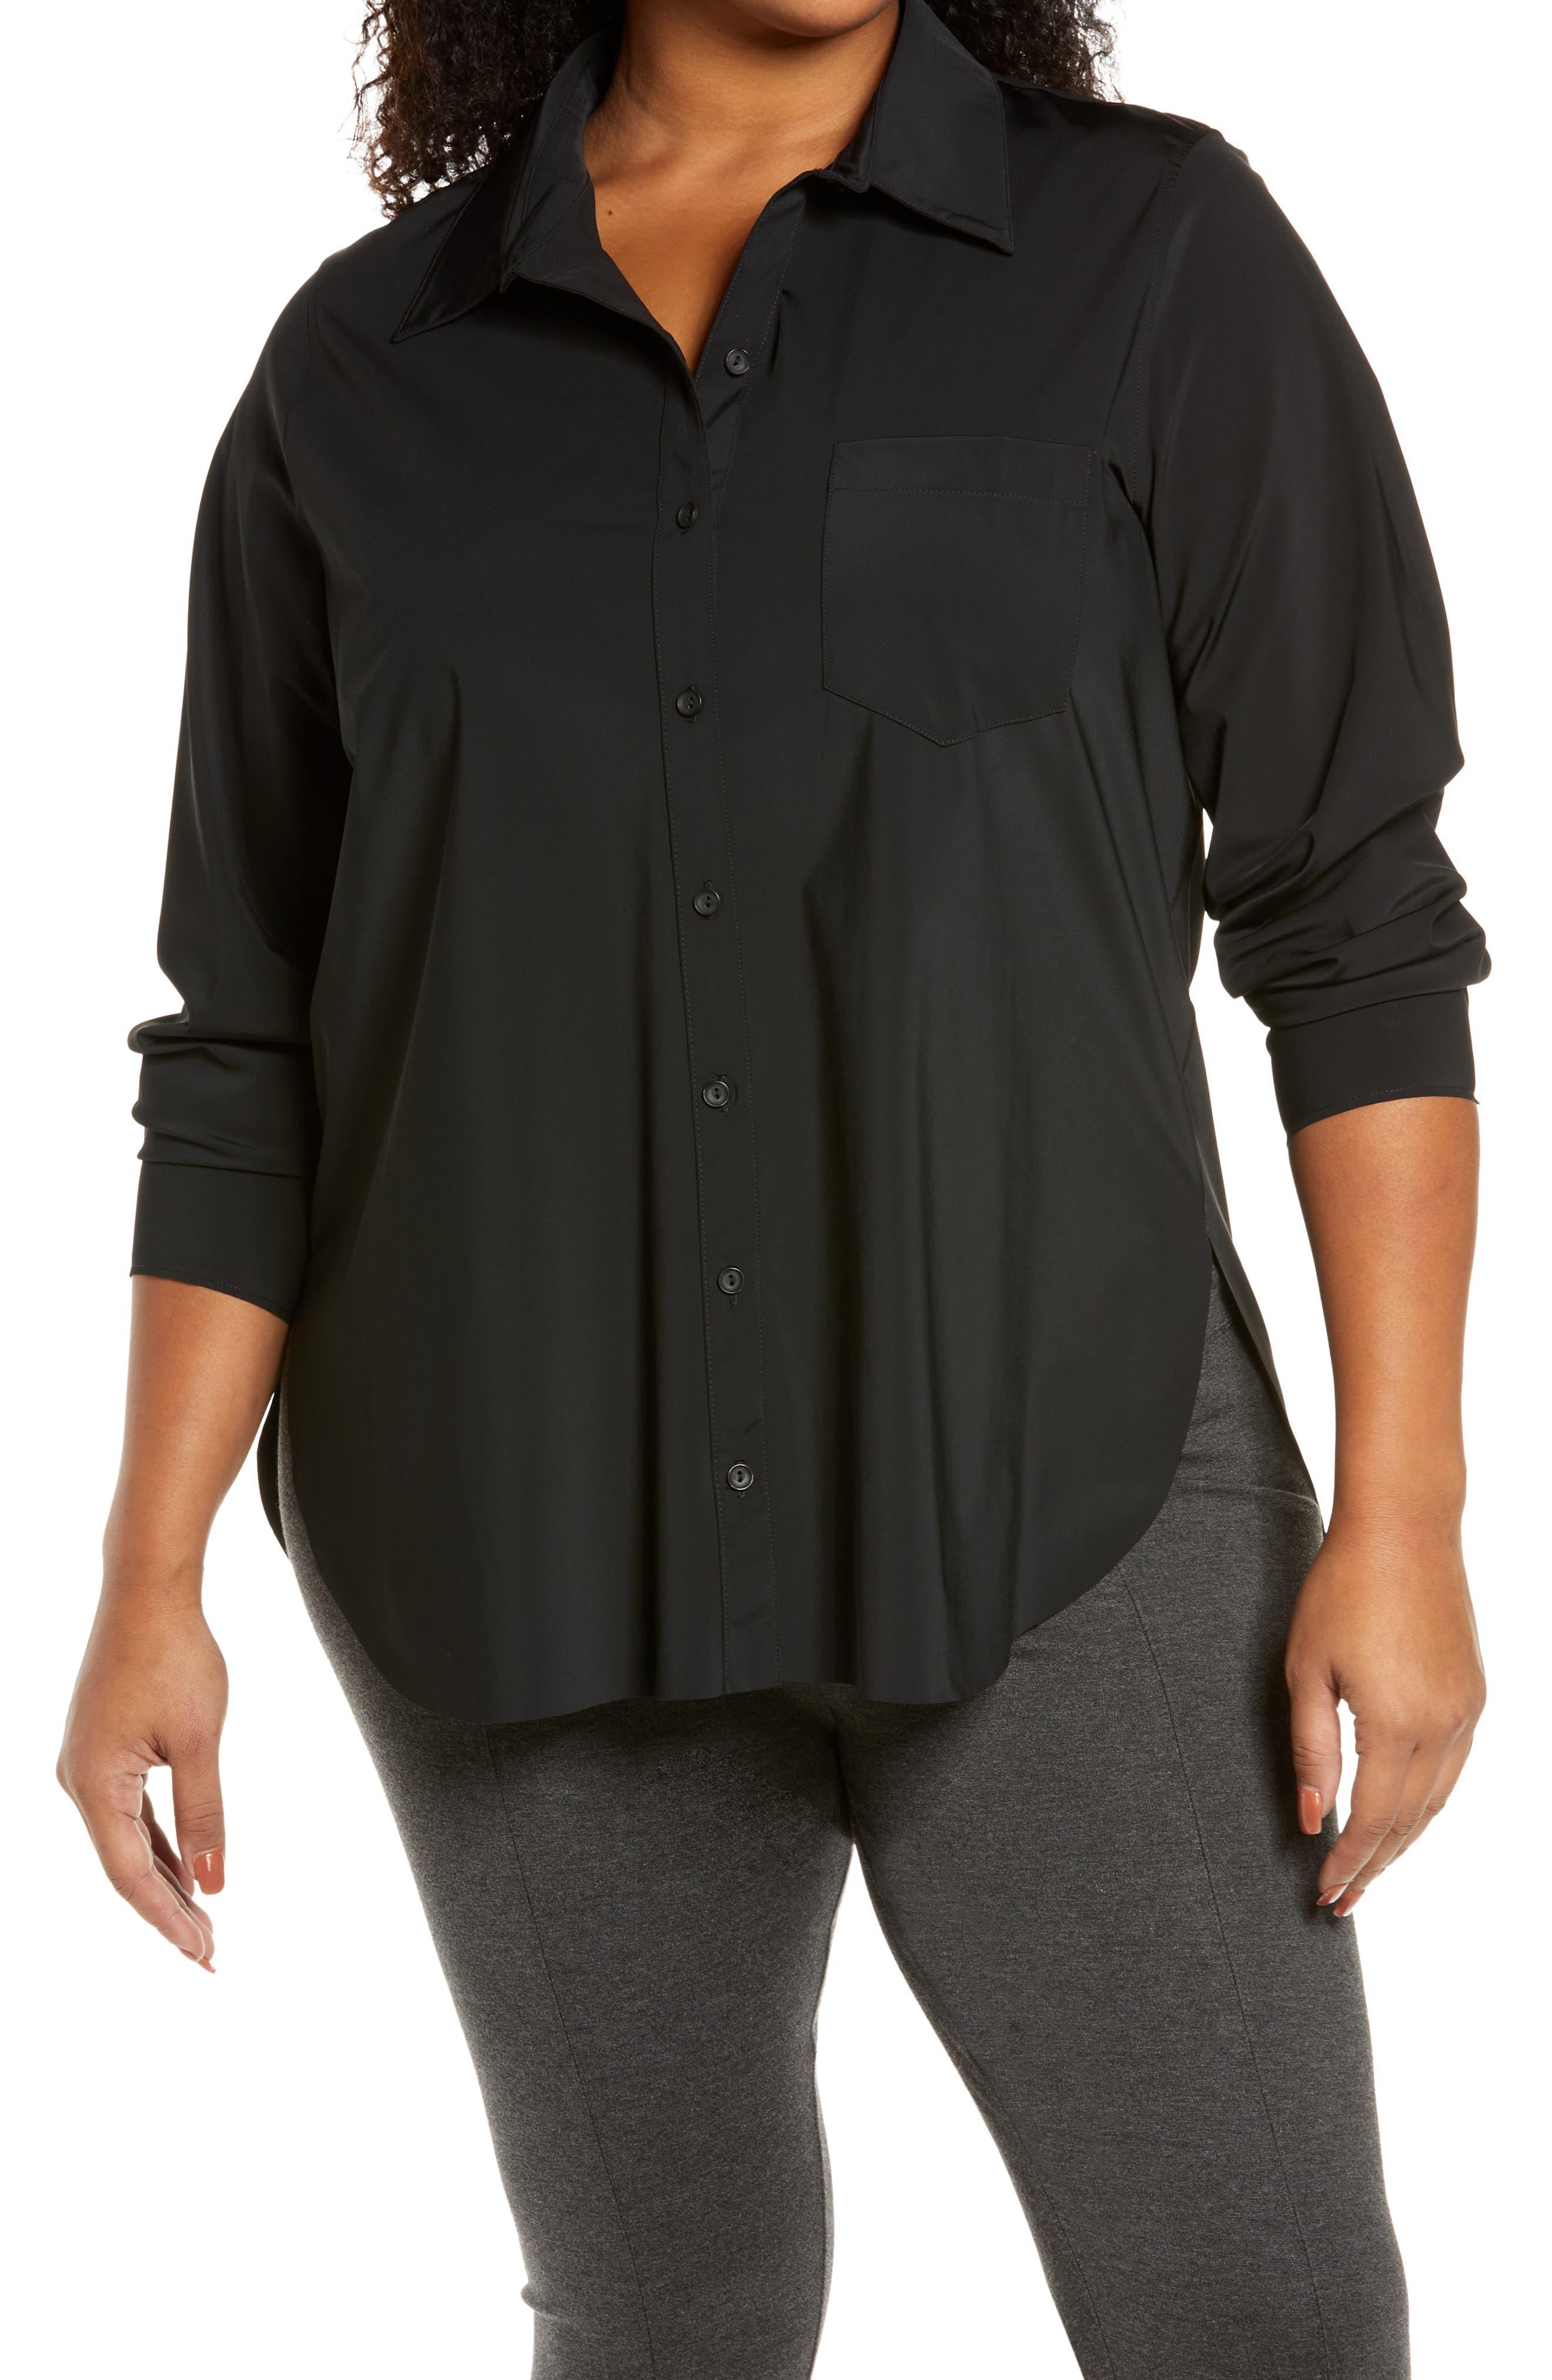 Schiffer Button-Up Shirt